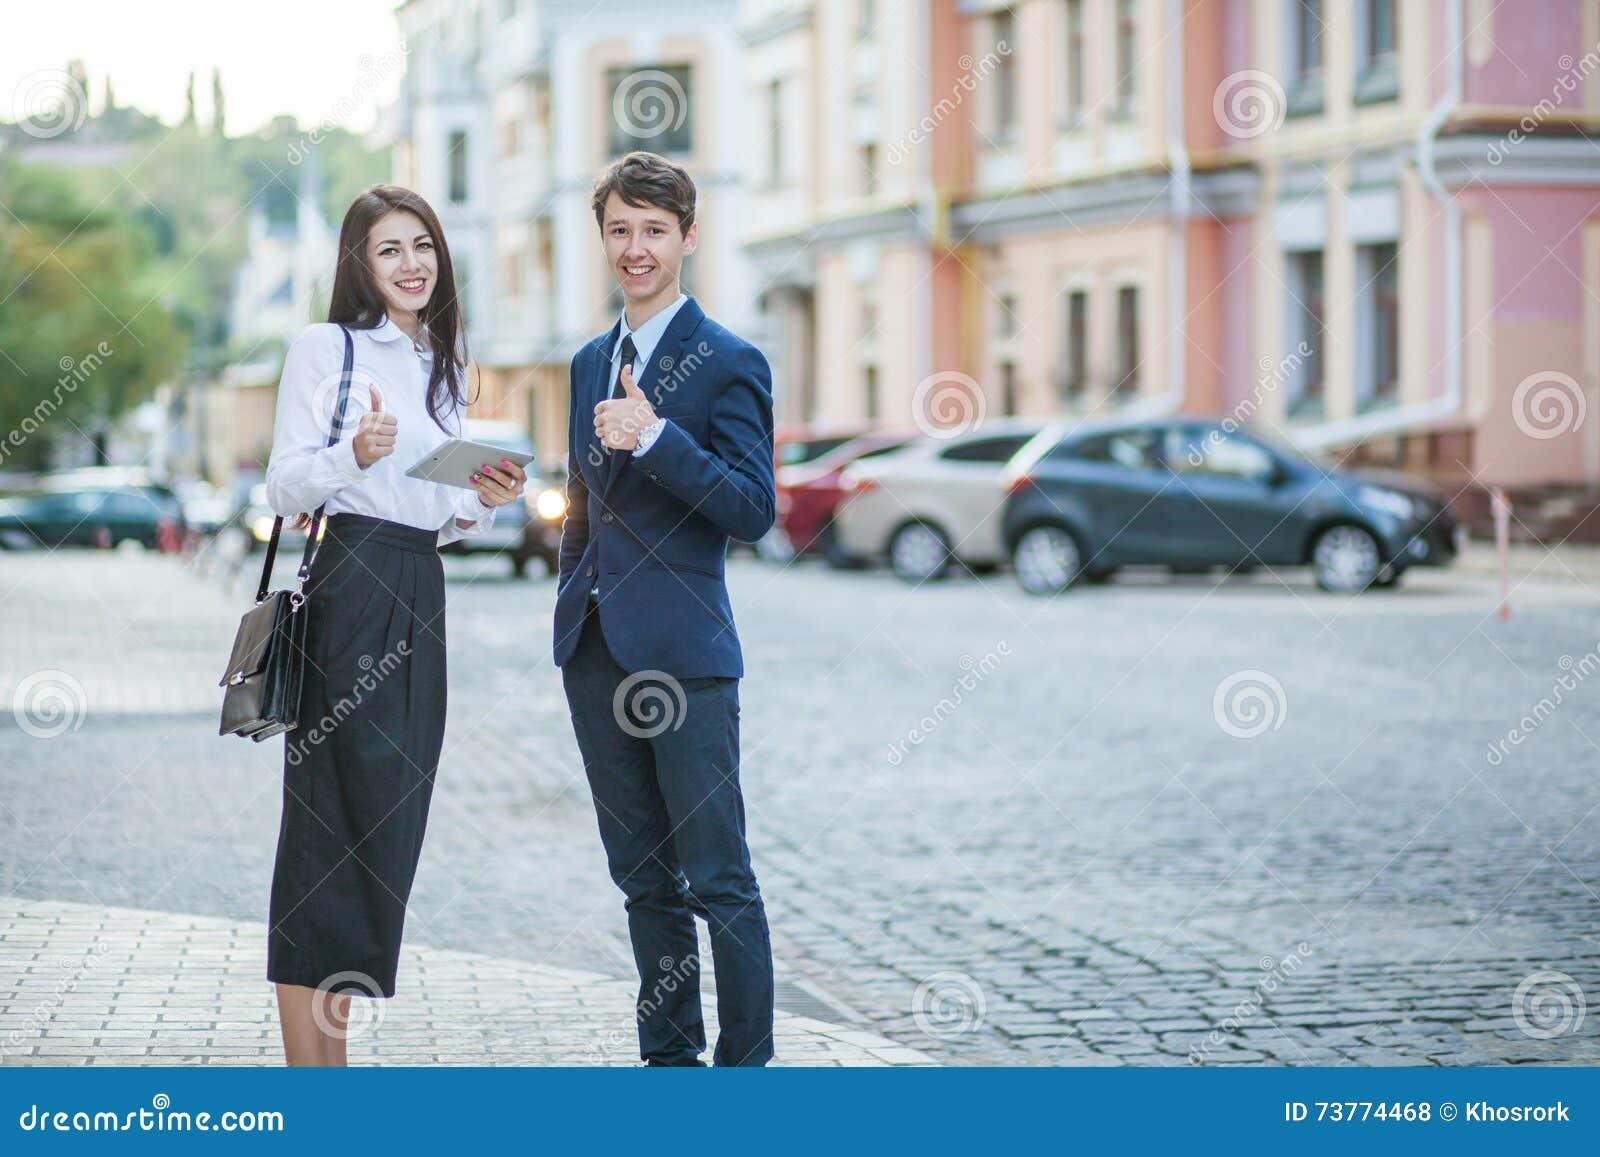 rencontre homme femme d affaire comment flirter avec son meilleur ami